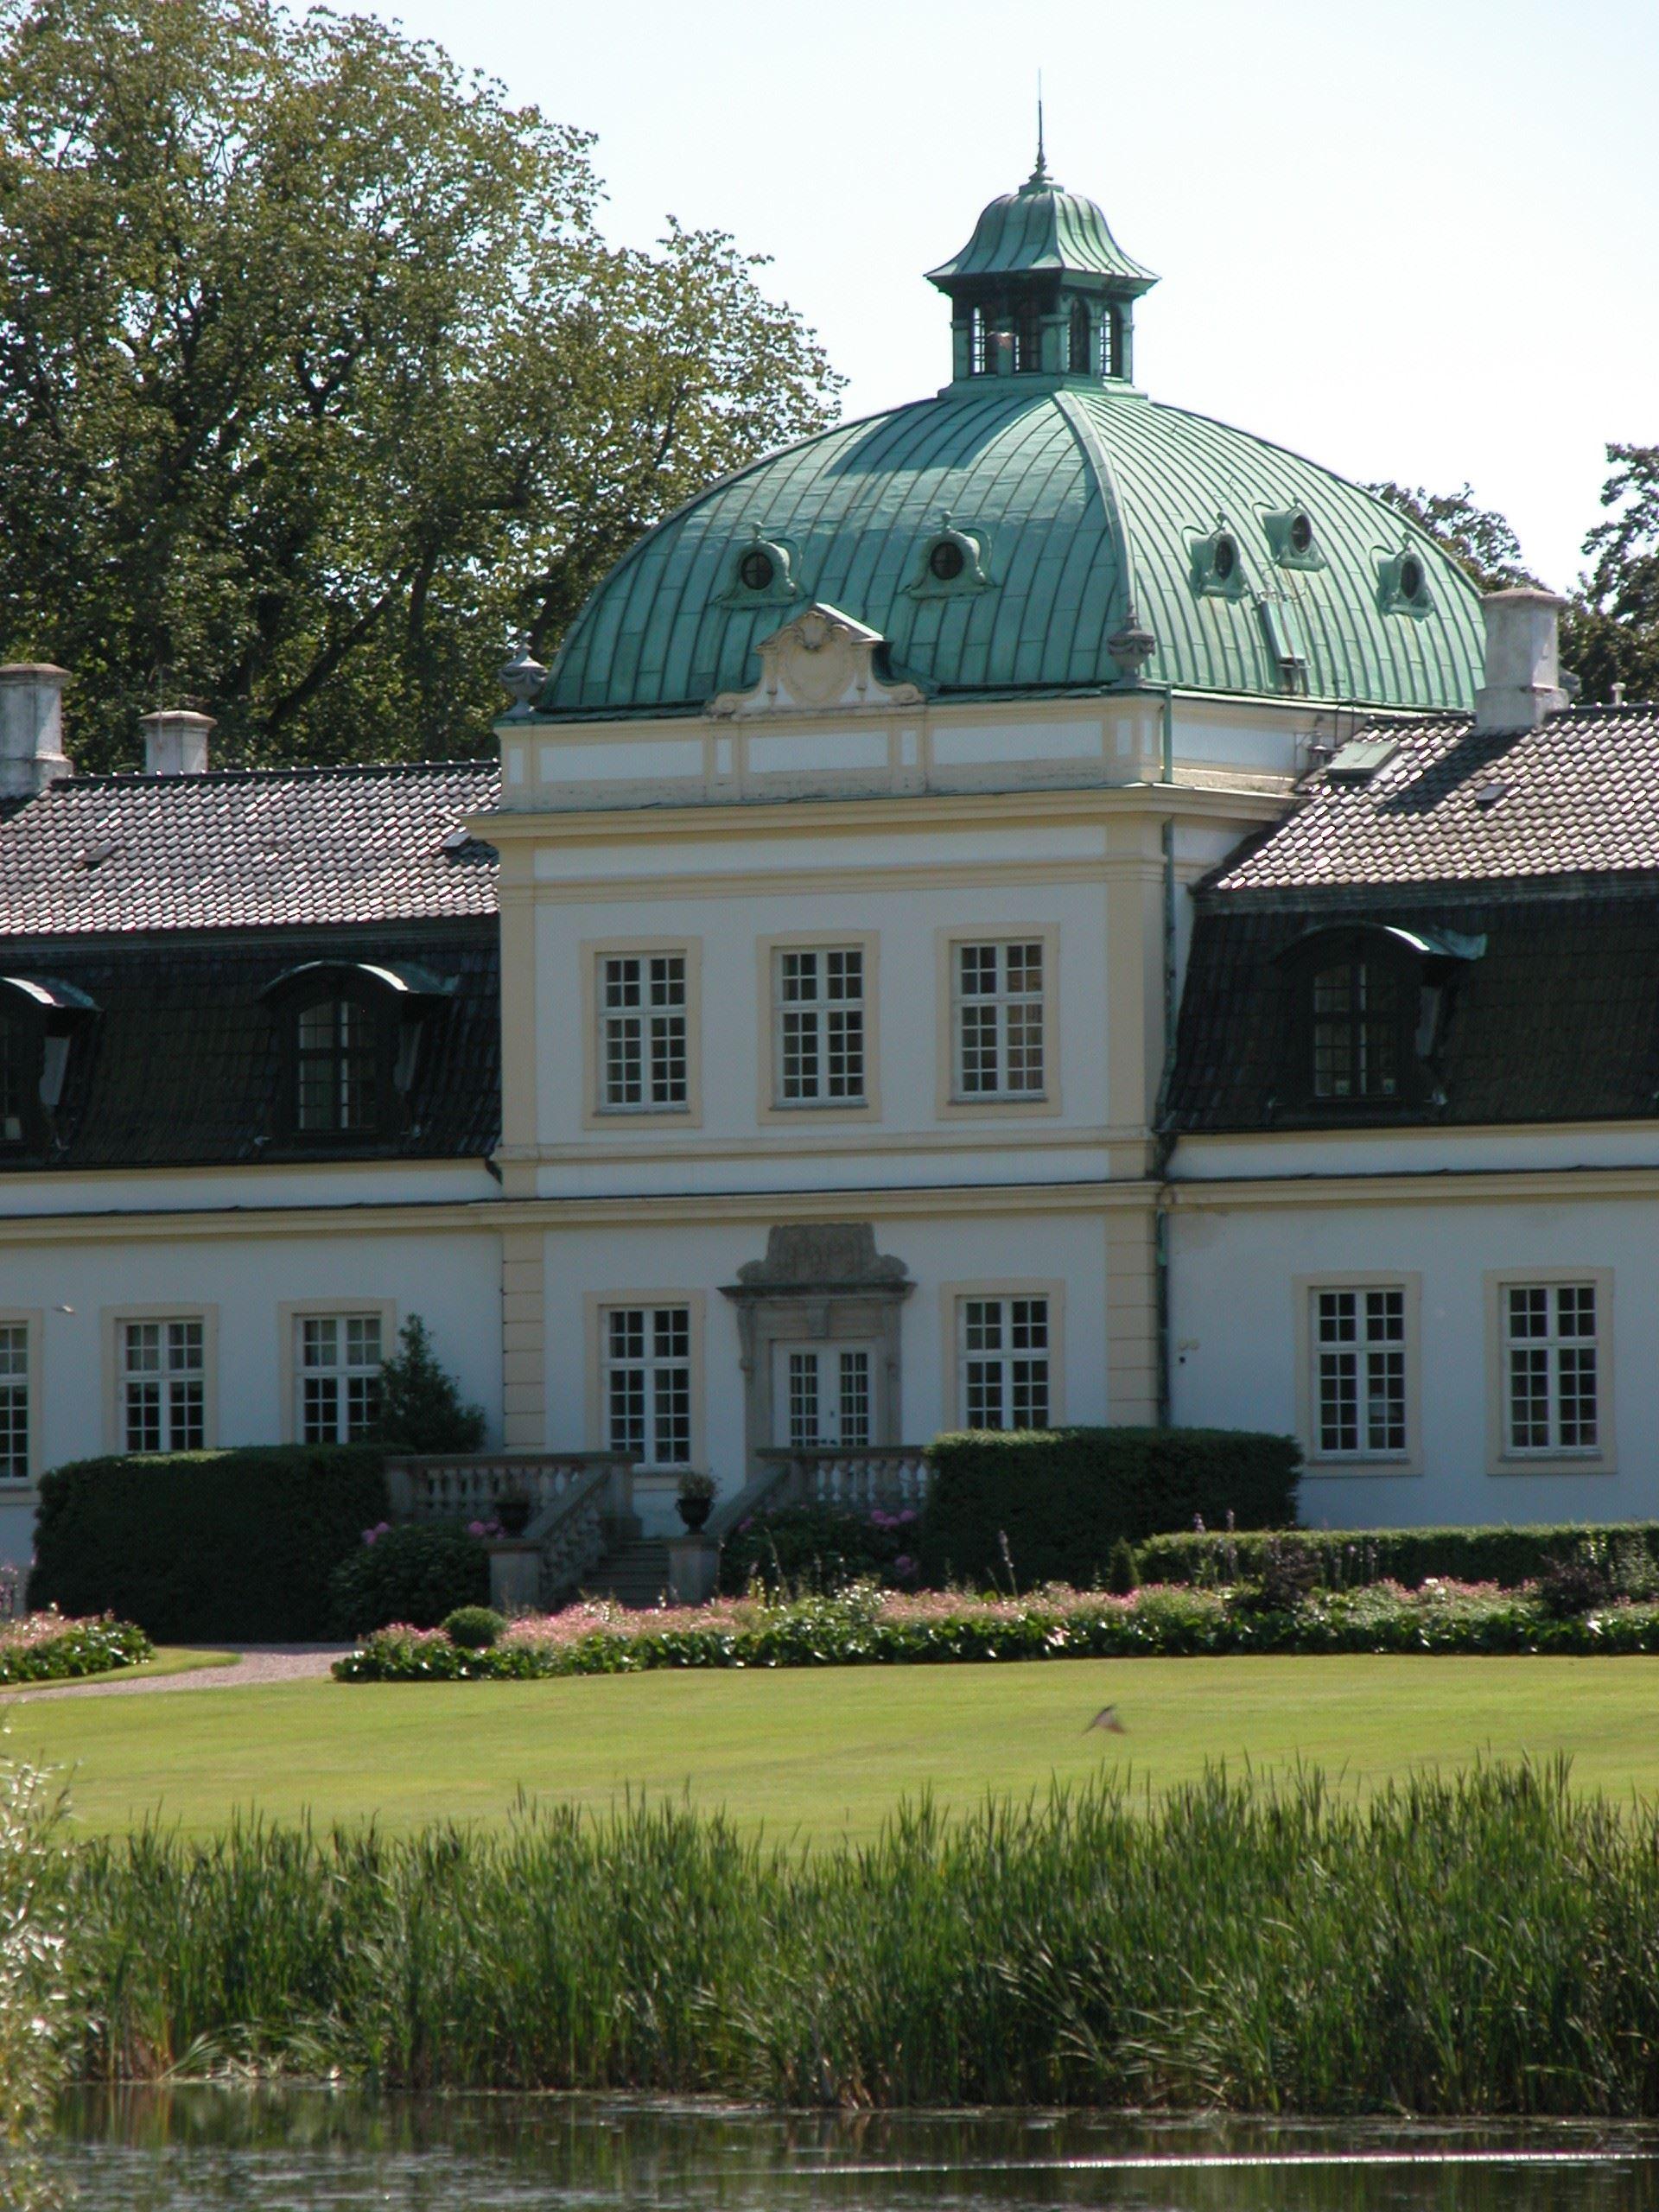 Jordberga Slott & Park